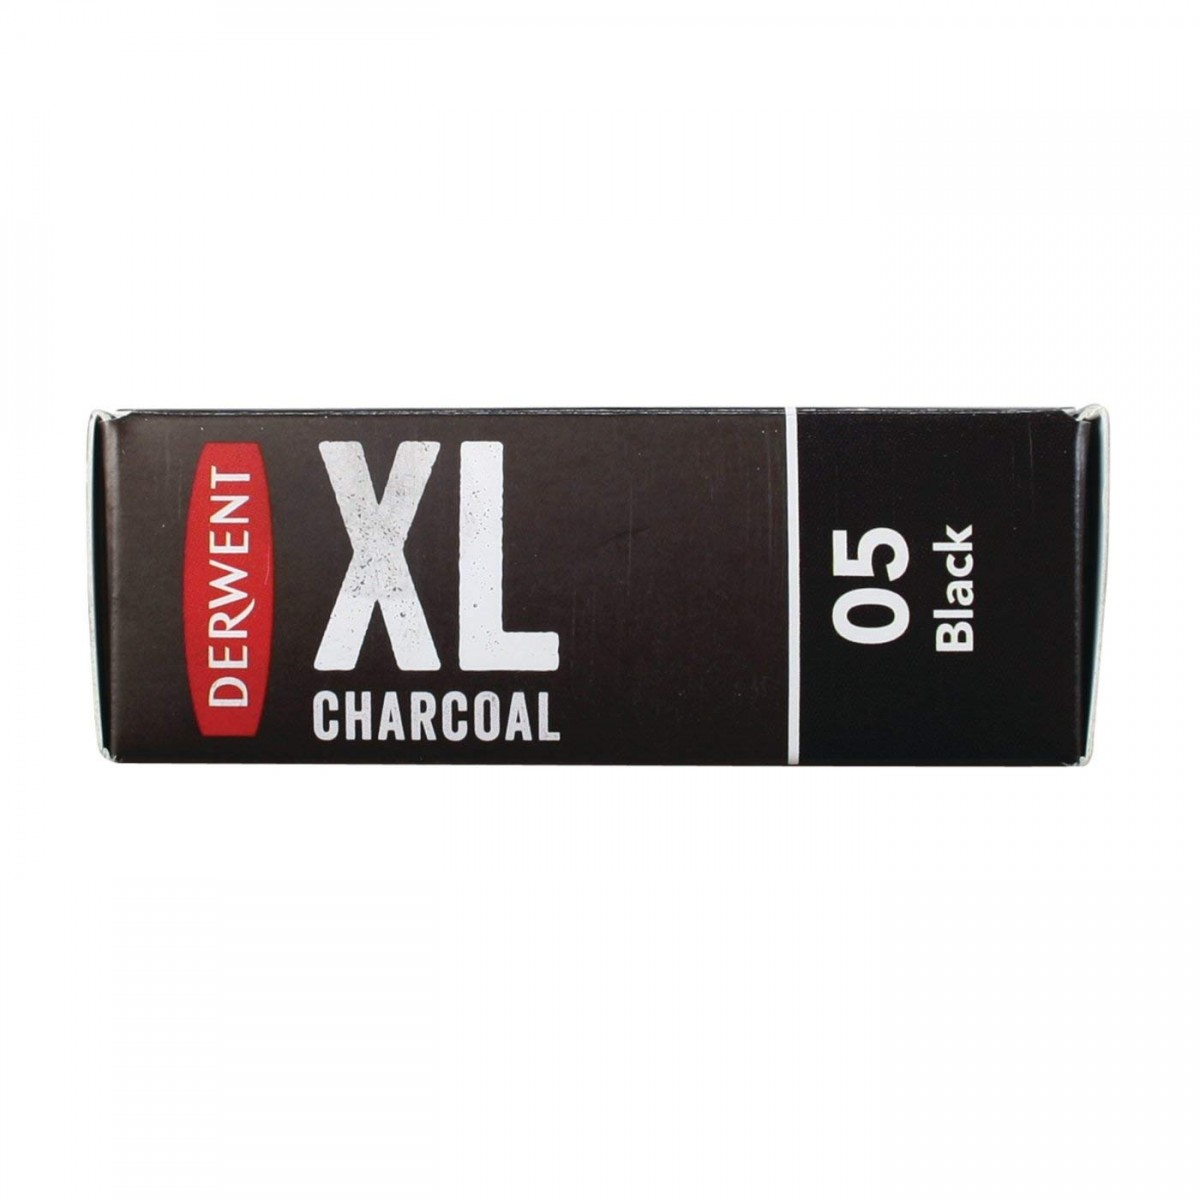 DerwentXLCharcoalkul-01